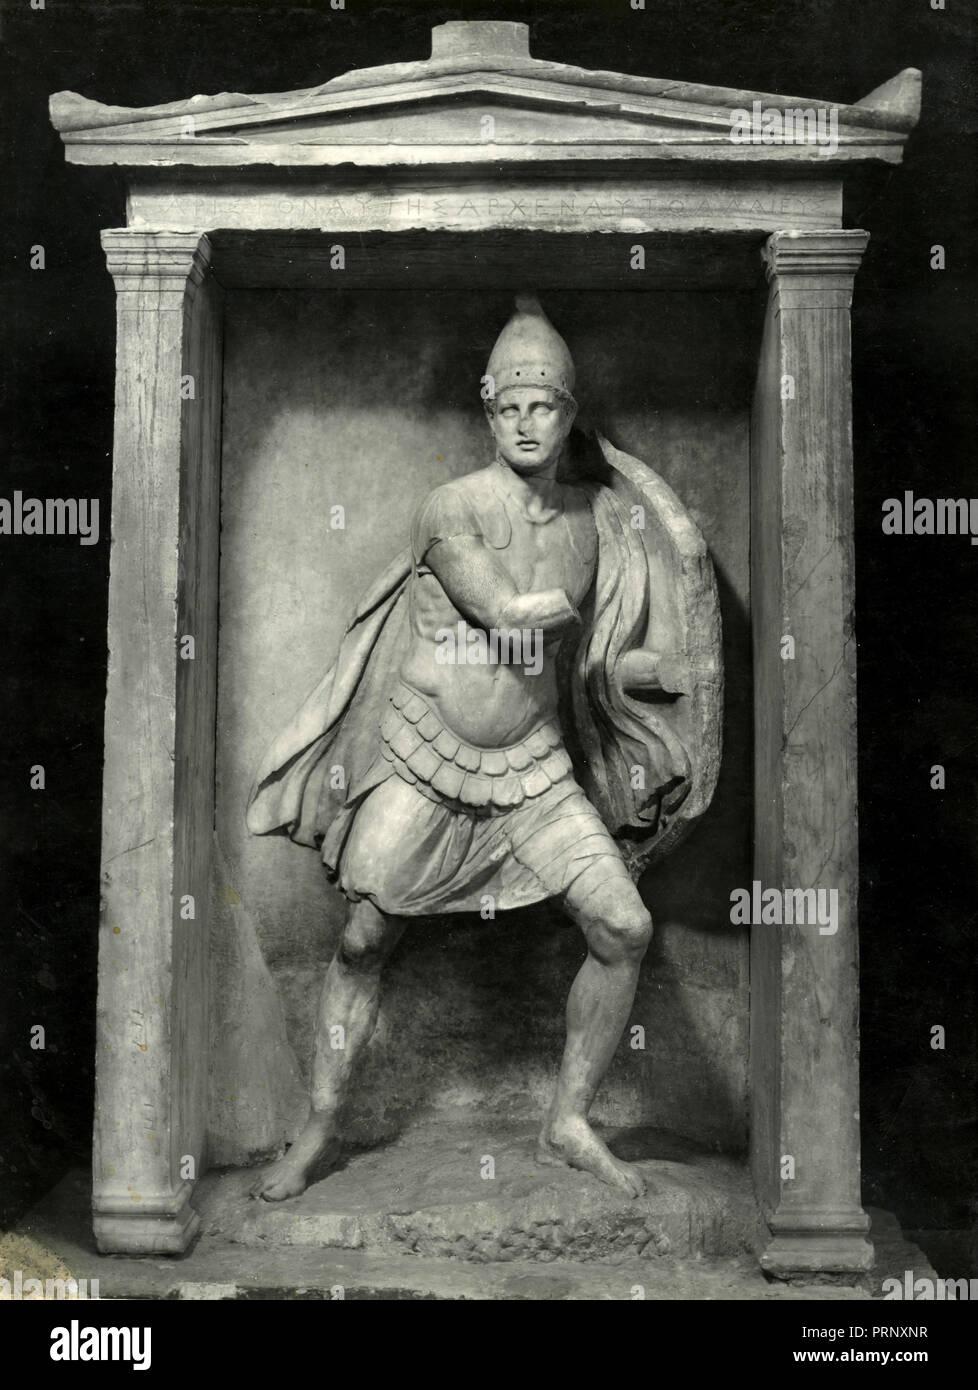 Funerary naiskos of Aristonautes, Athens, Greece 1930s - Stock Image